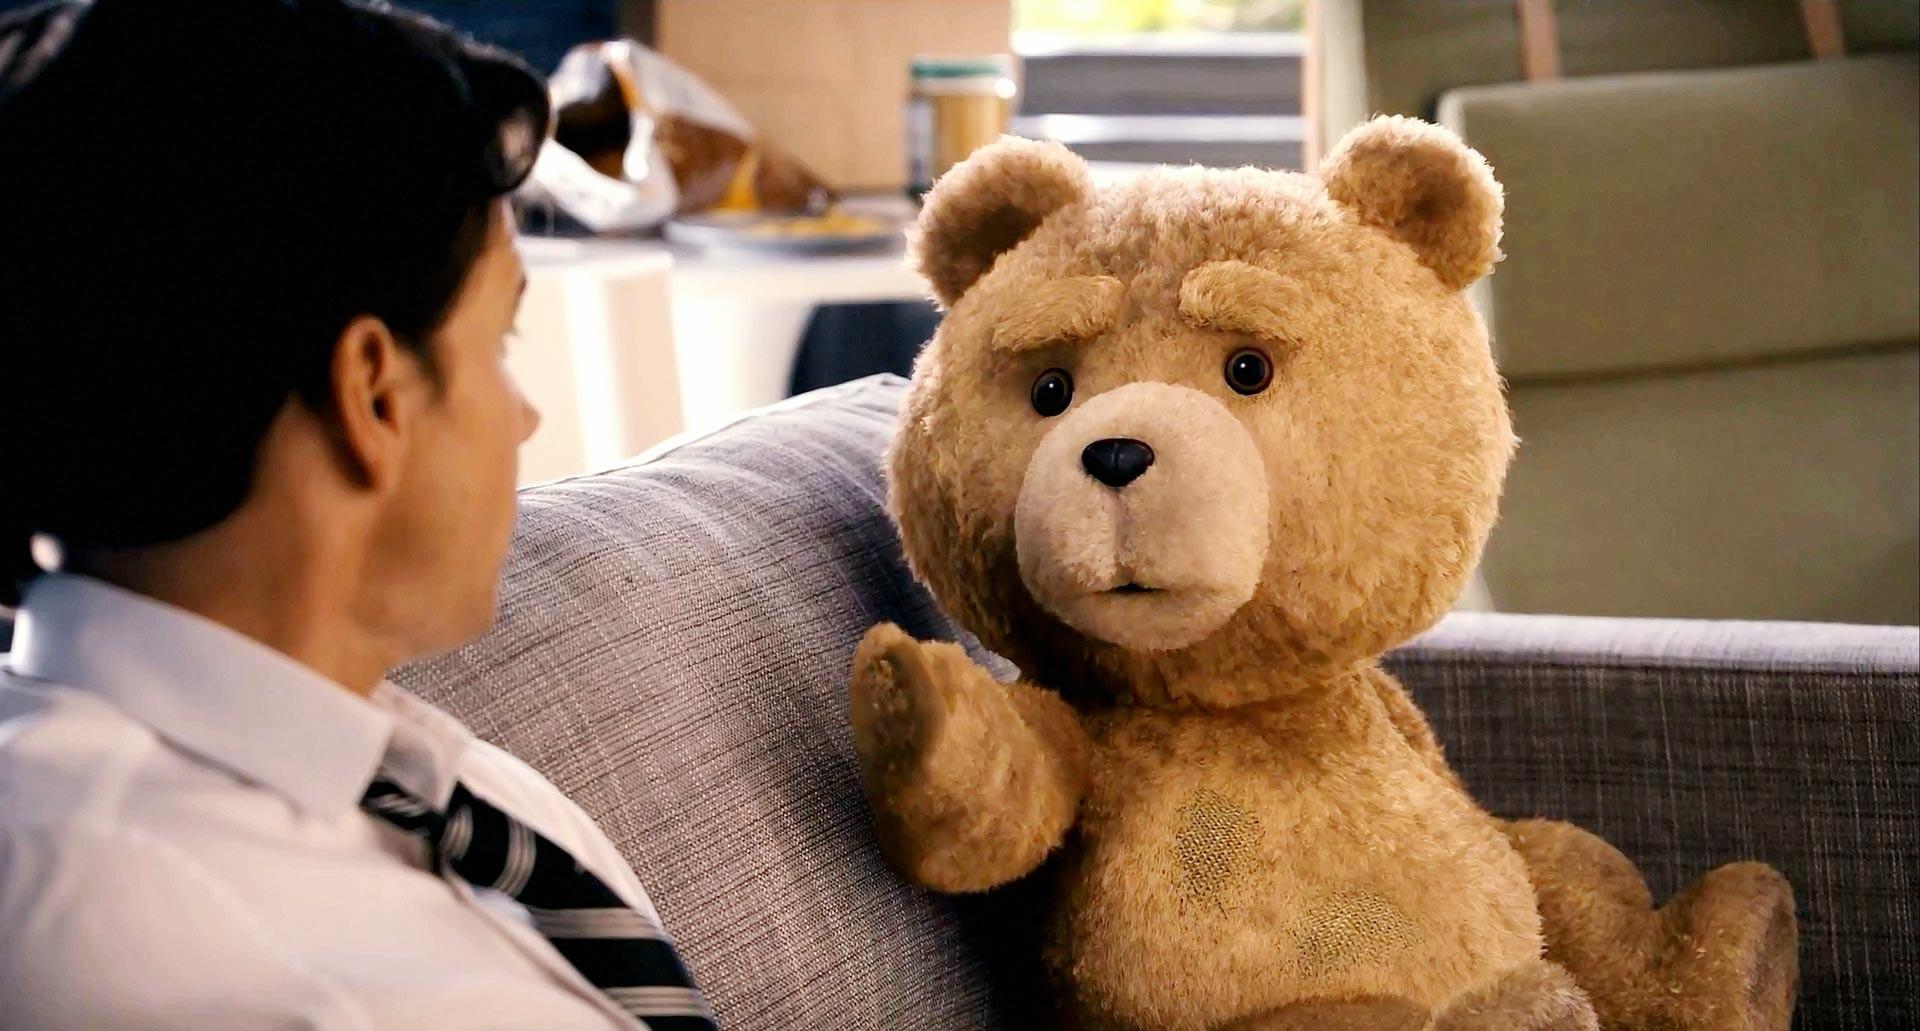 Ted aborda a amizade de um humano com um ursinho de pelúcia (Foto: Divulgação)